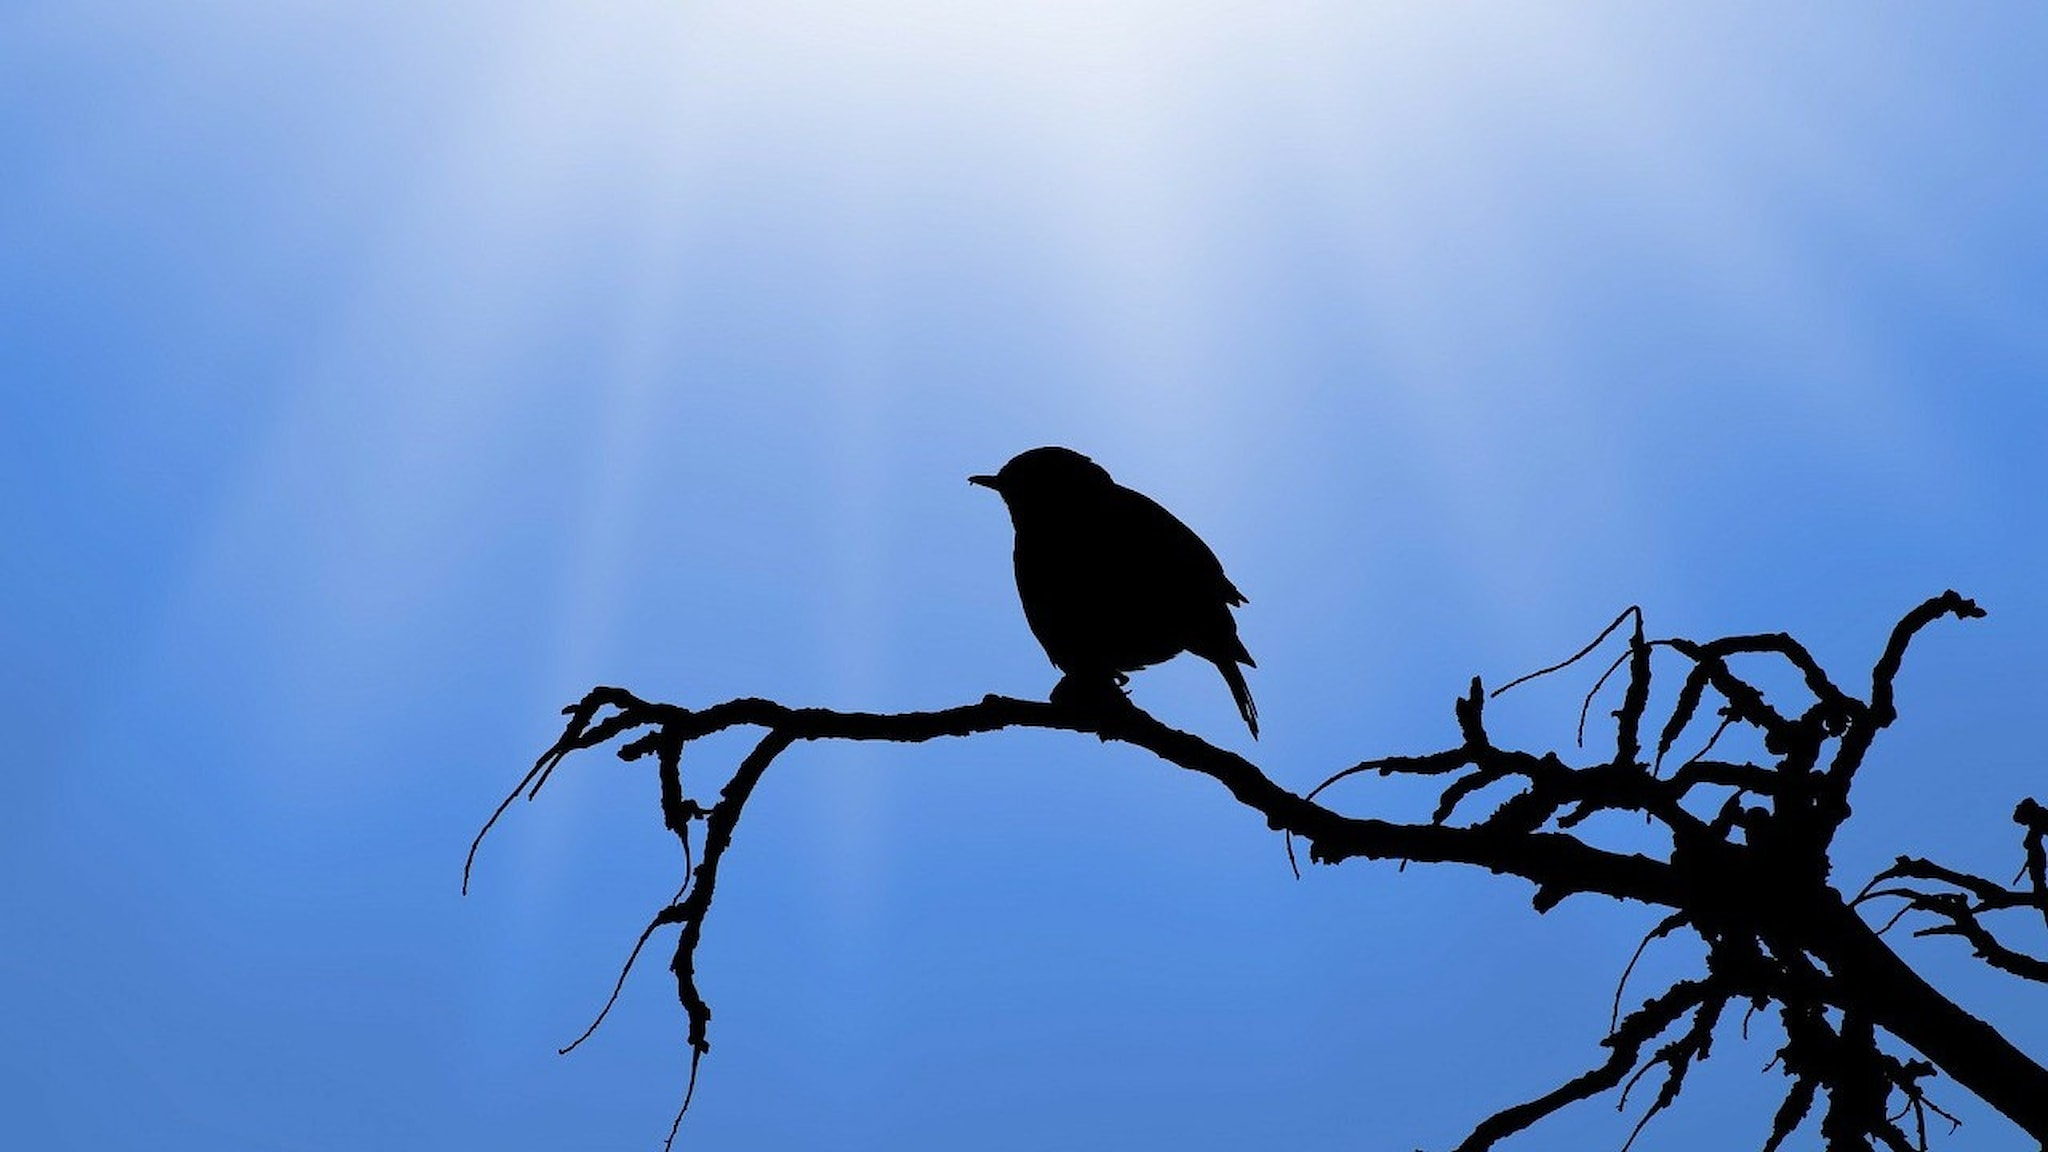 En sparv sitter på en gren, fotograferad i motsol, sparvens silhuett syns och bakom den blå himmel med solstrimmor.